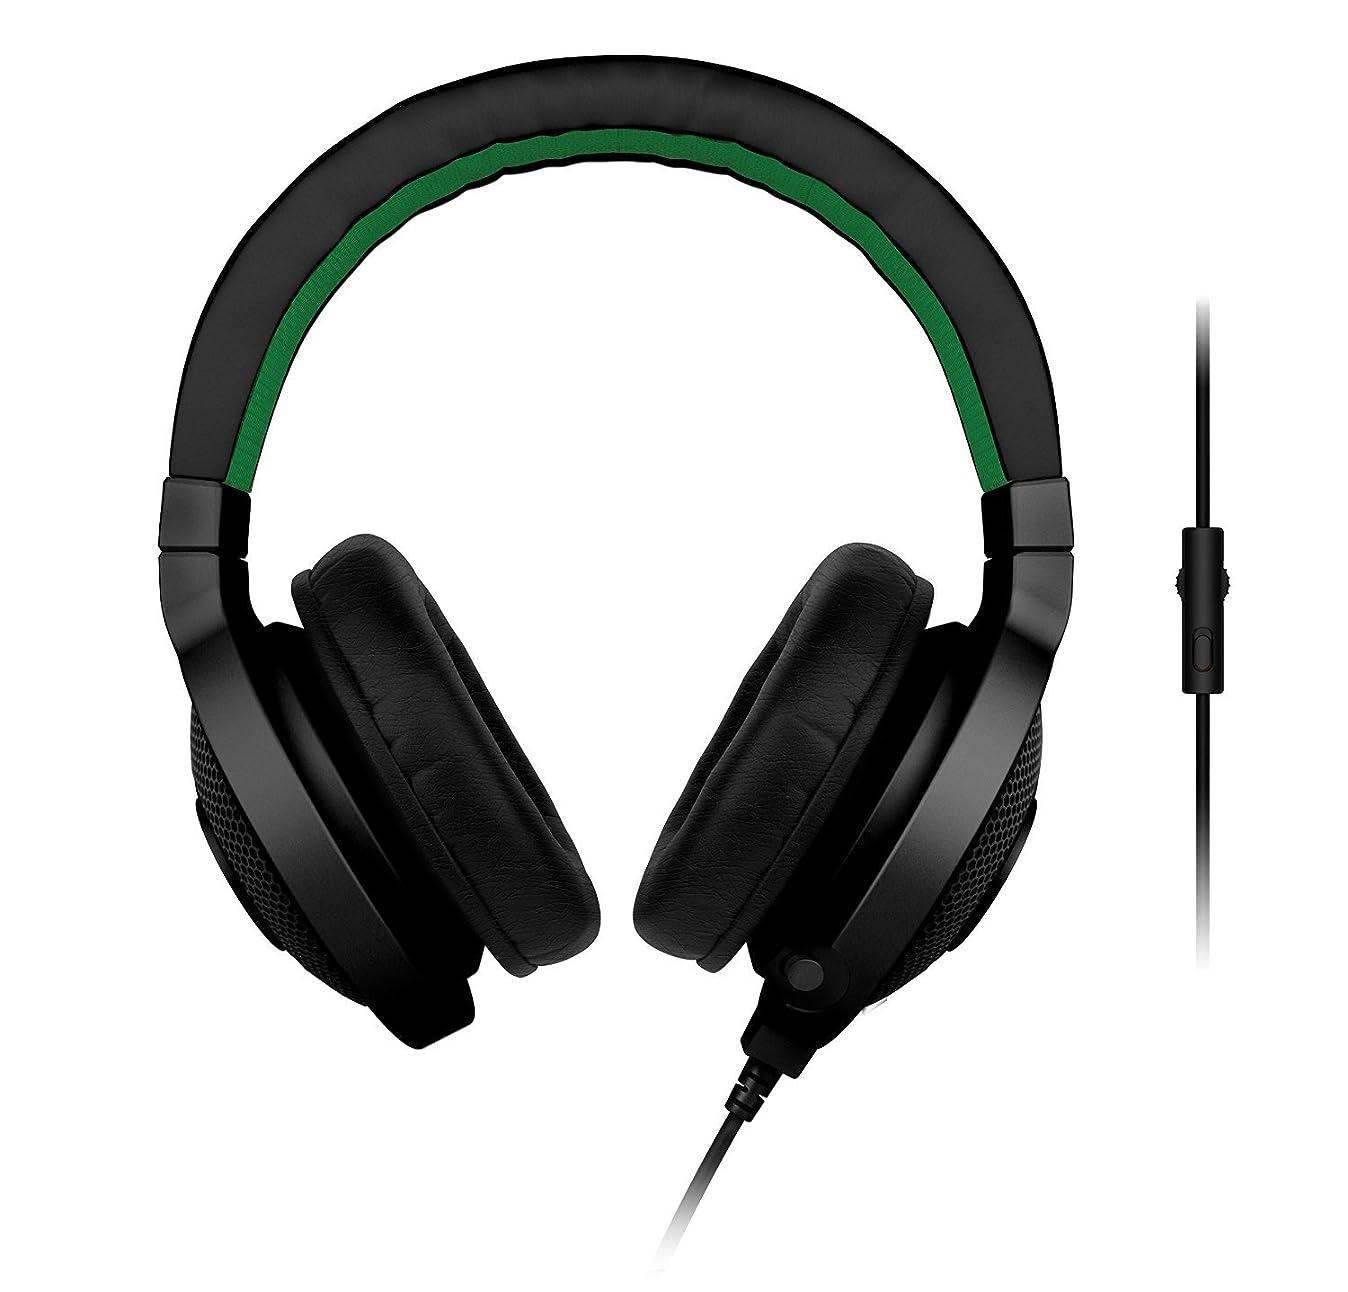 ブロー独裁者Razer Kraken Pro Analog Gaming Headset for PC, Xbox One and Playstation 4, Black [並行輸入品]